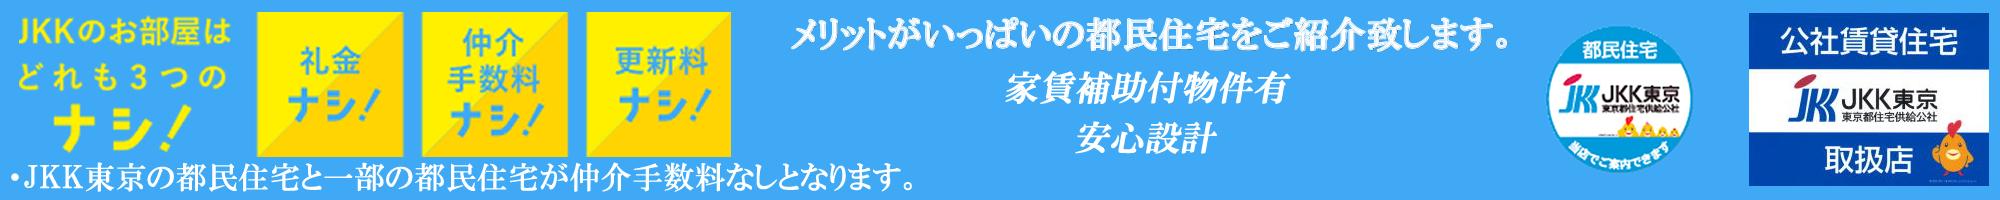 東京都住宅供給公社(JKK東京)の年収・給料・給 …